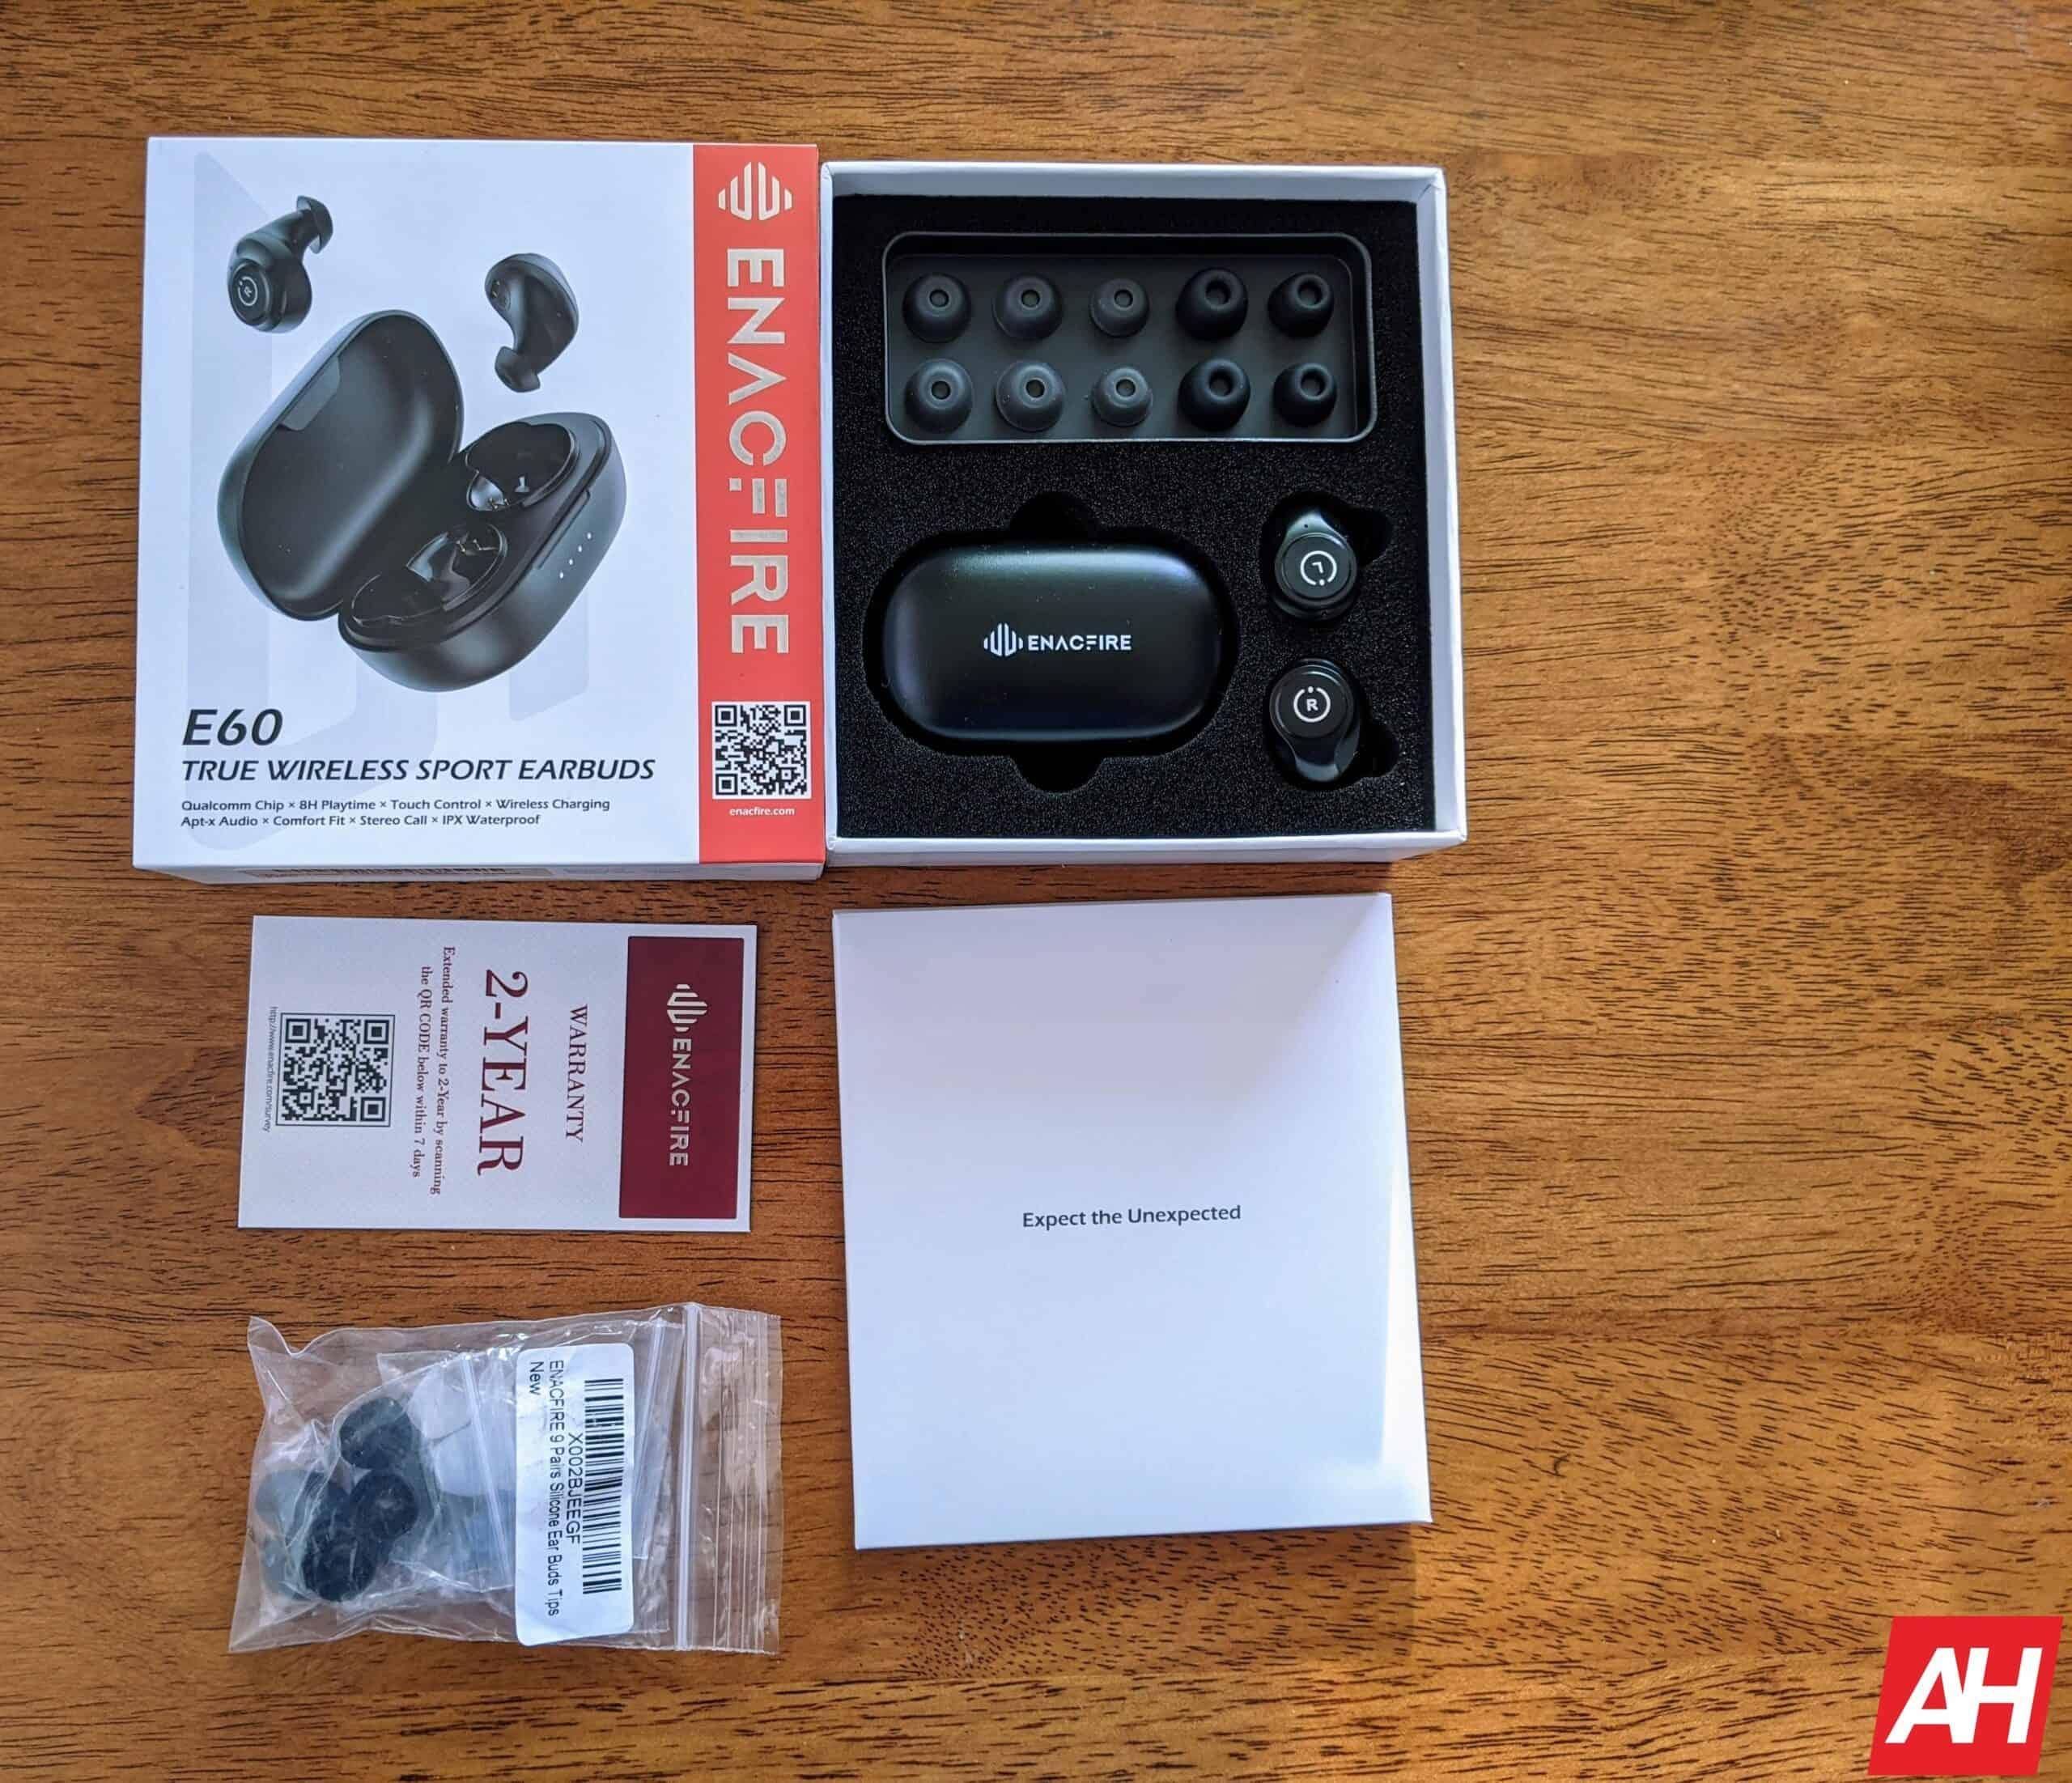 E60 Unbox AH 1